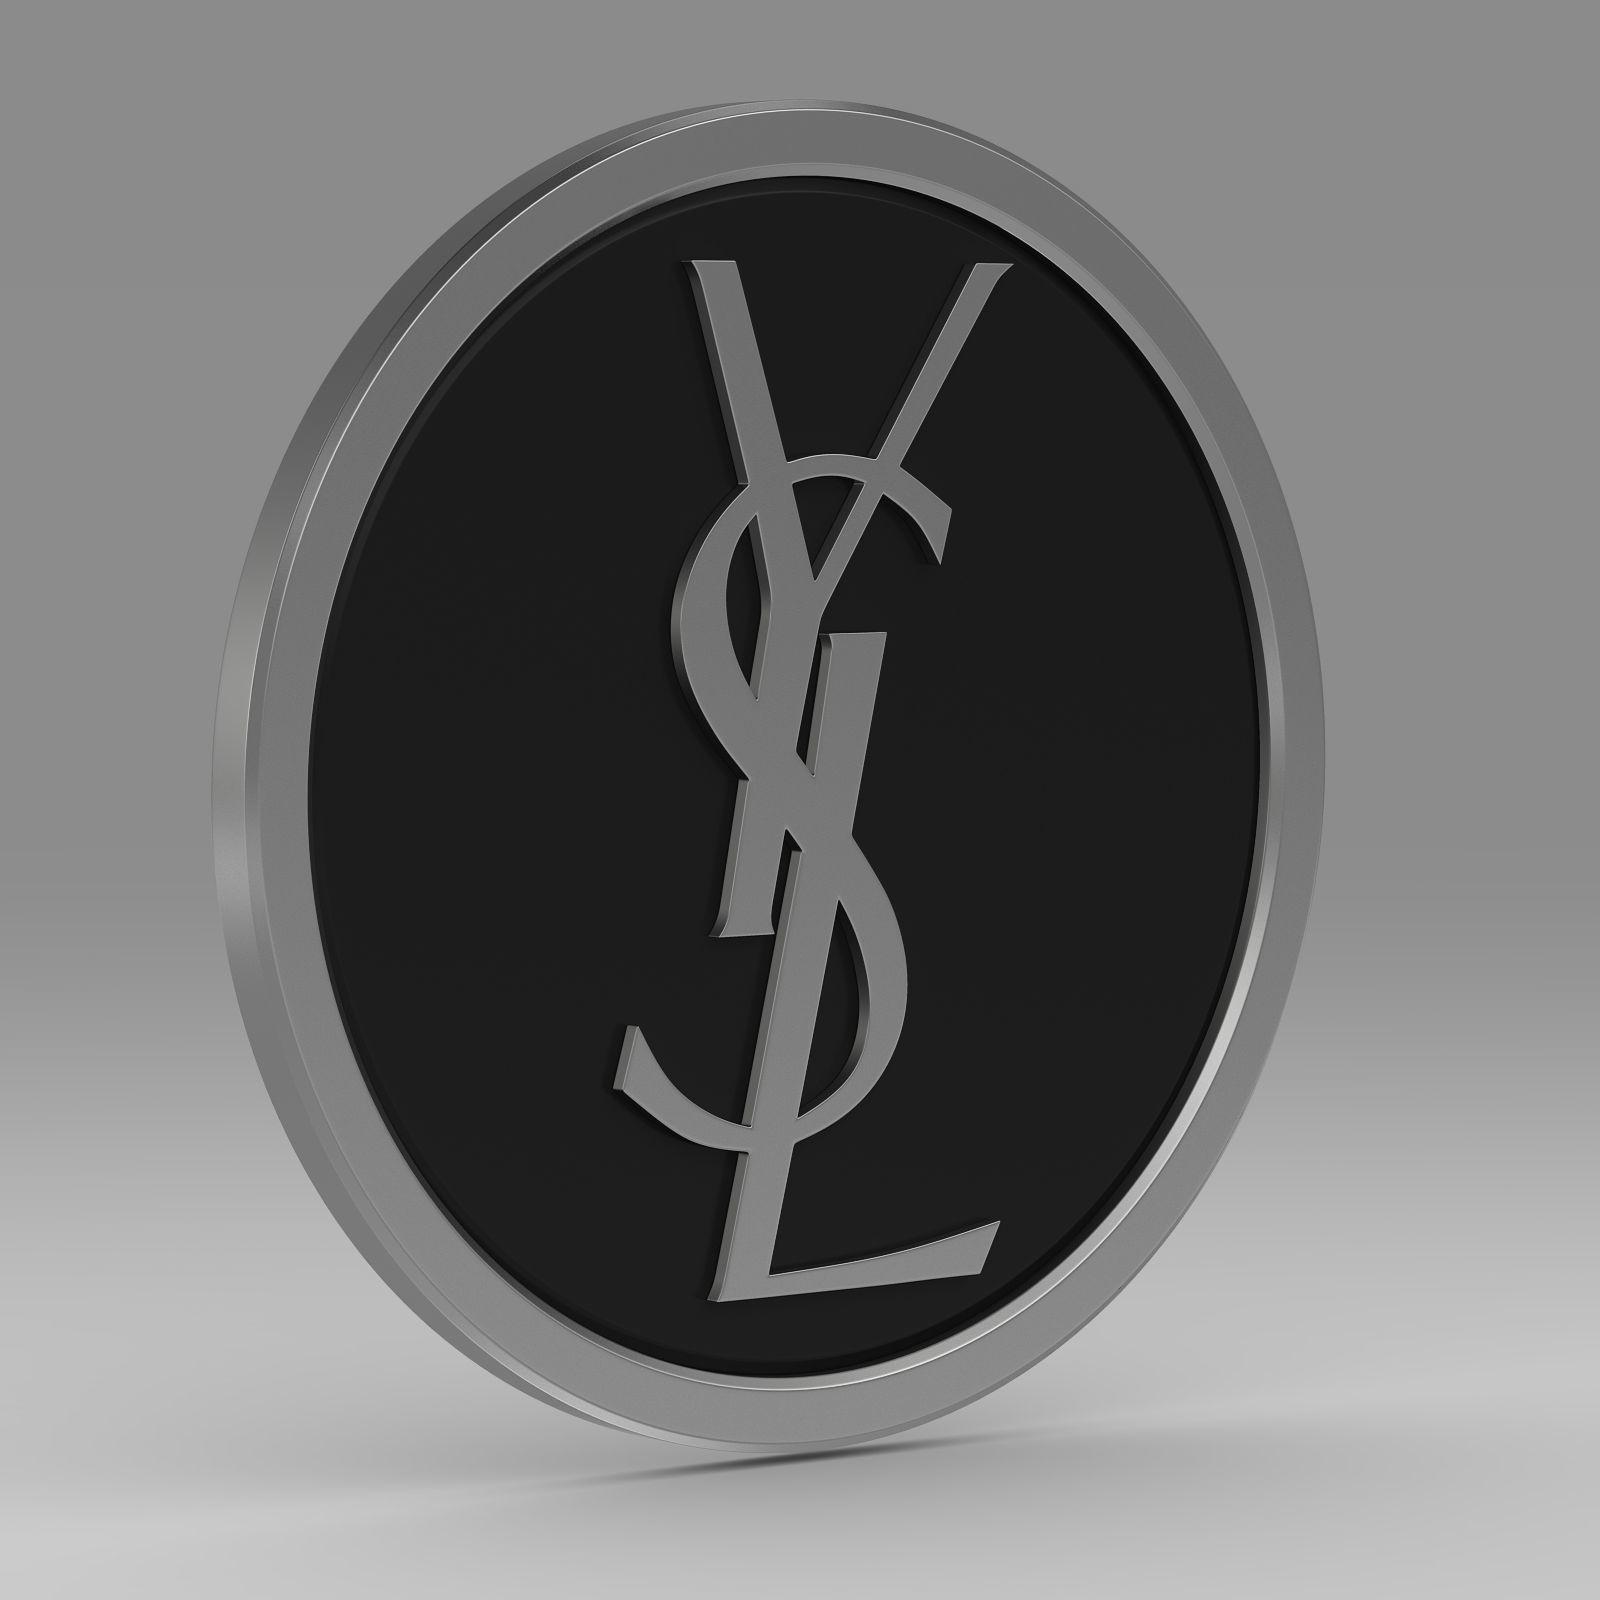 Yves Saint Laurent logo 2.